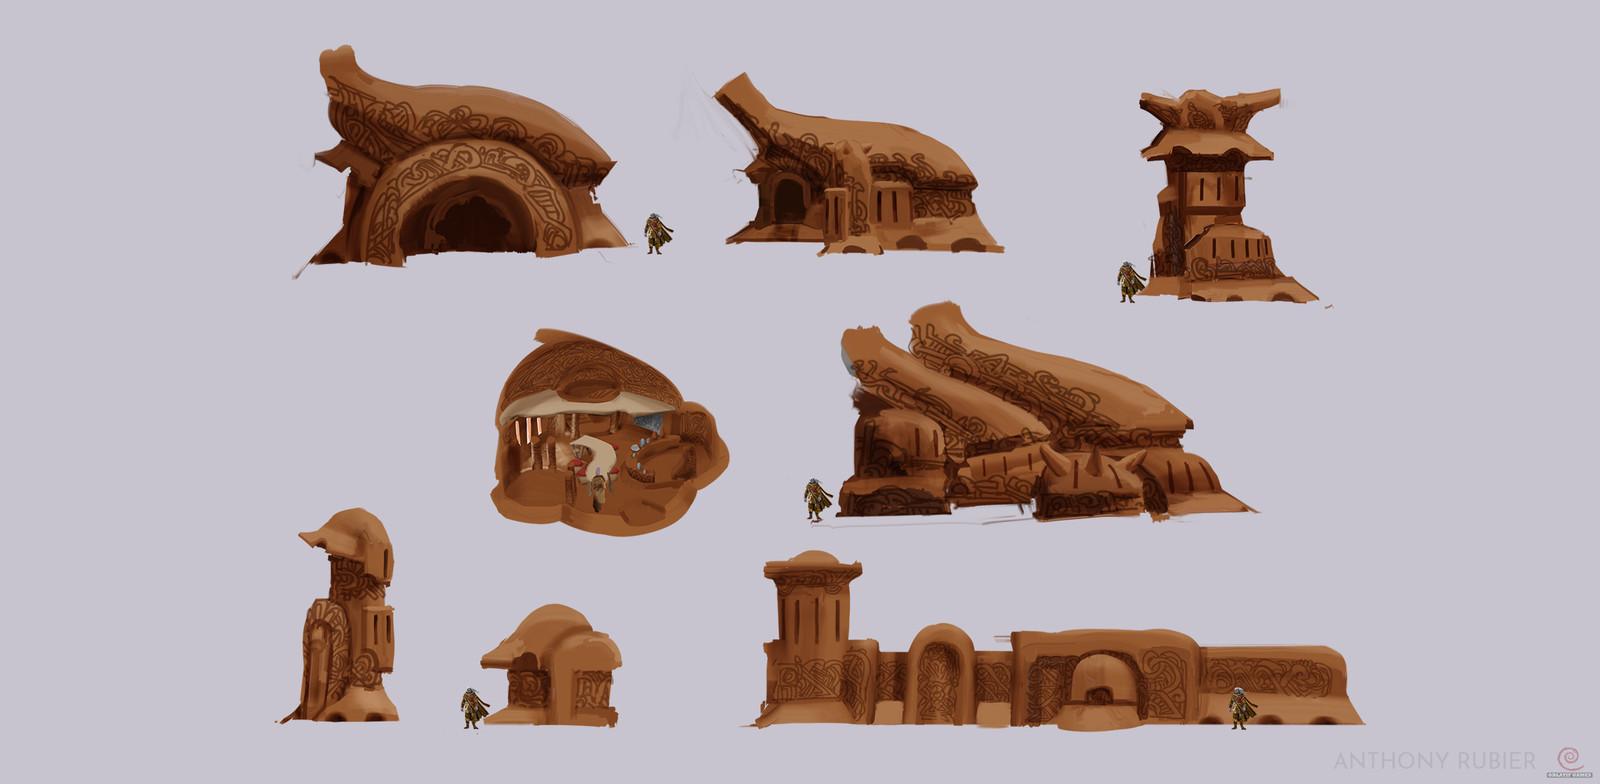 Village buildings concepts